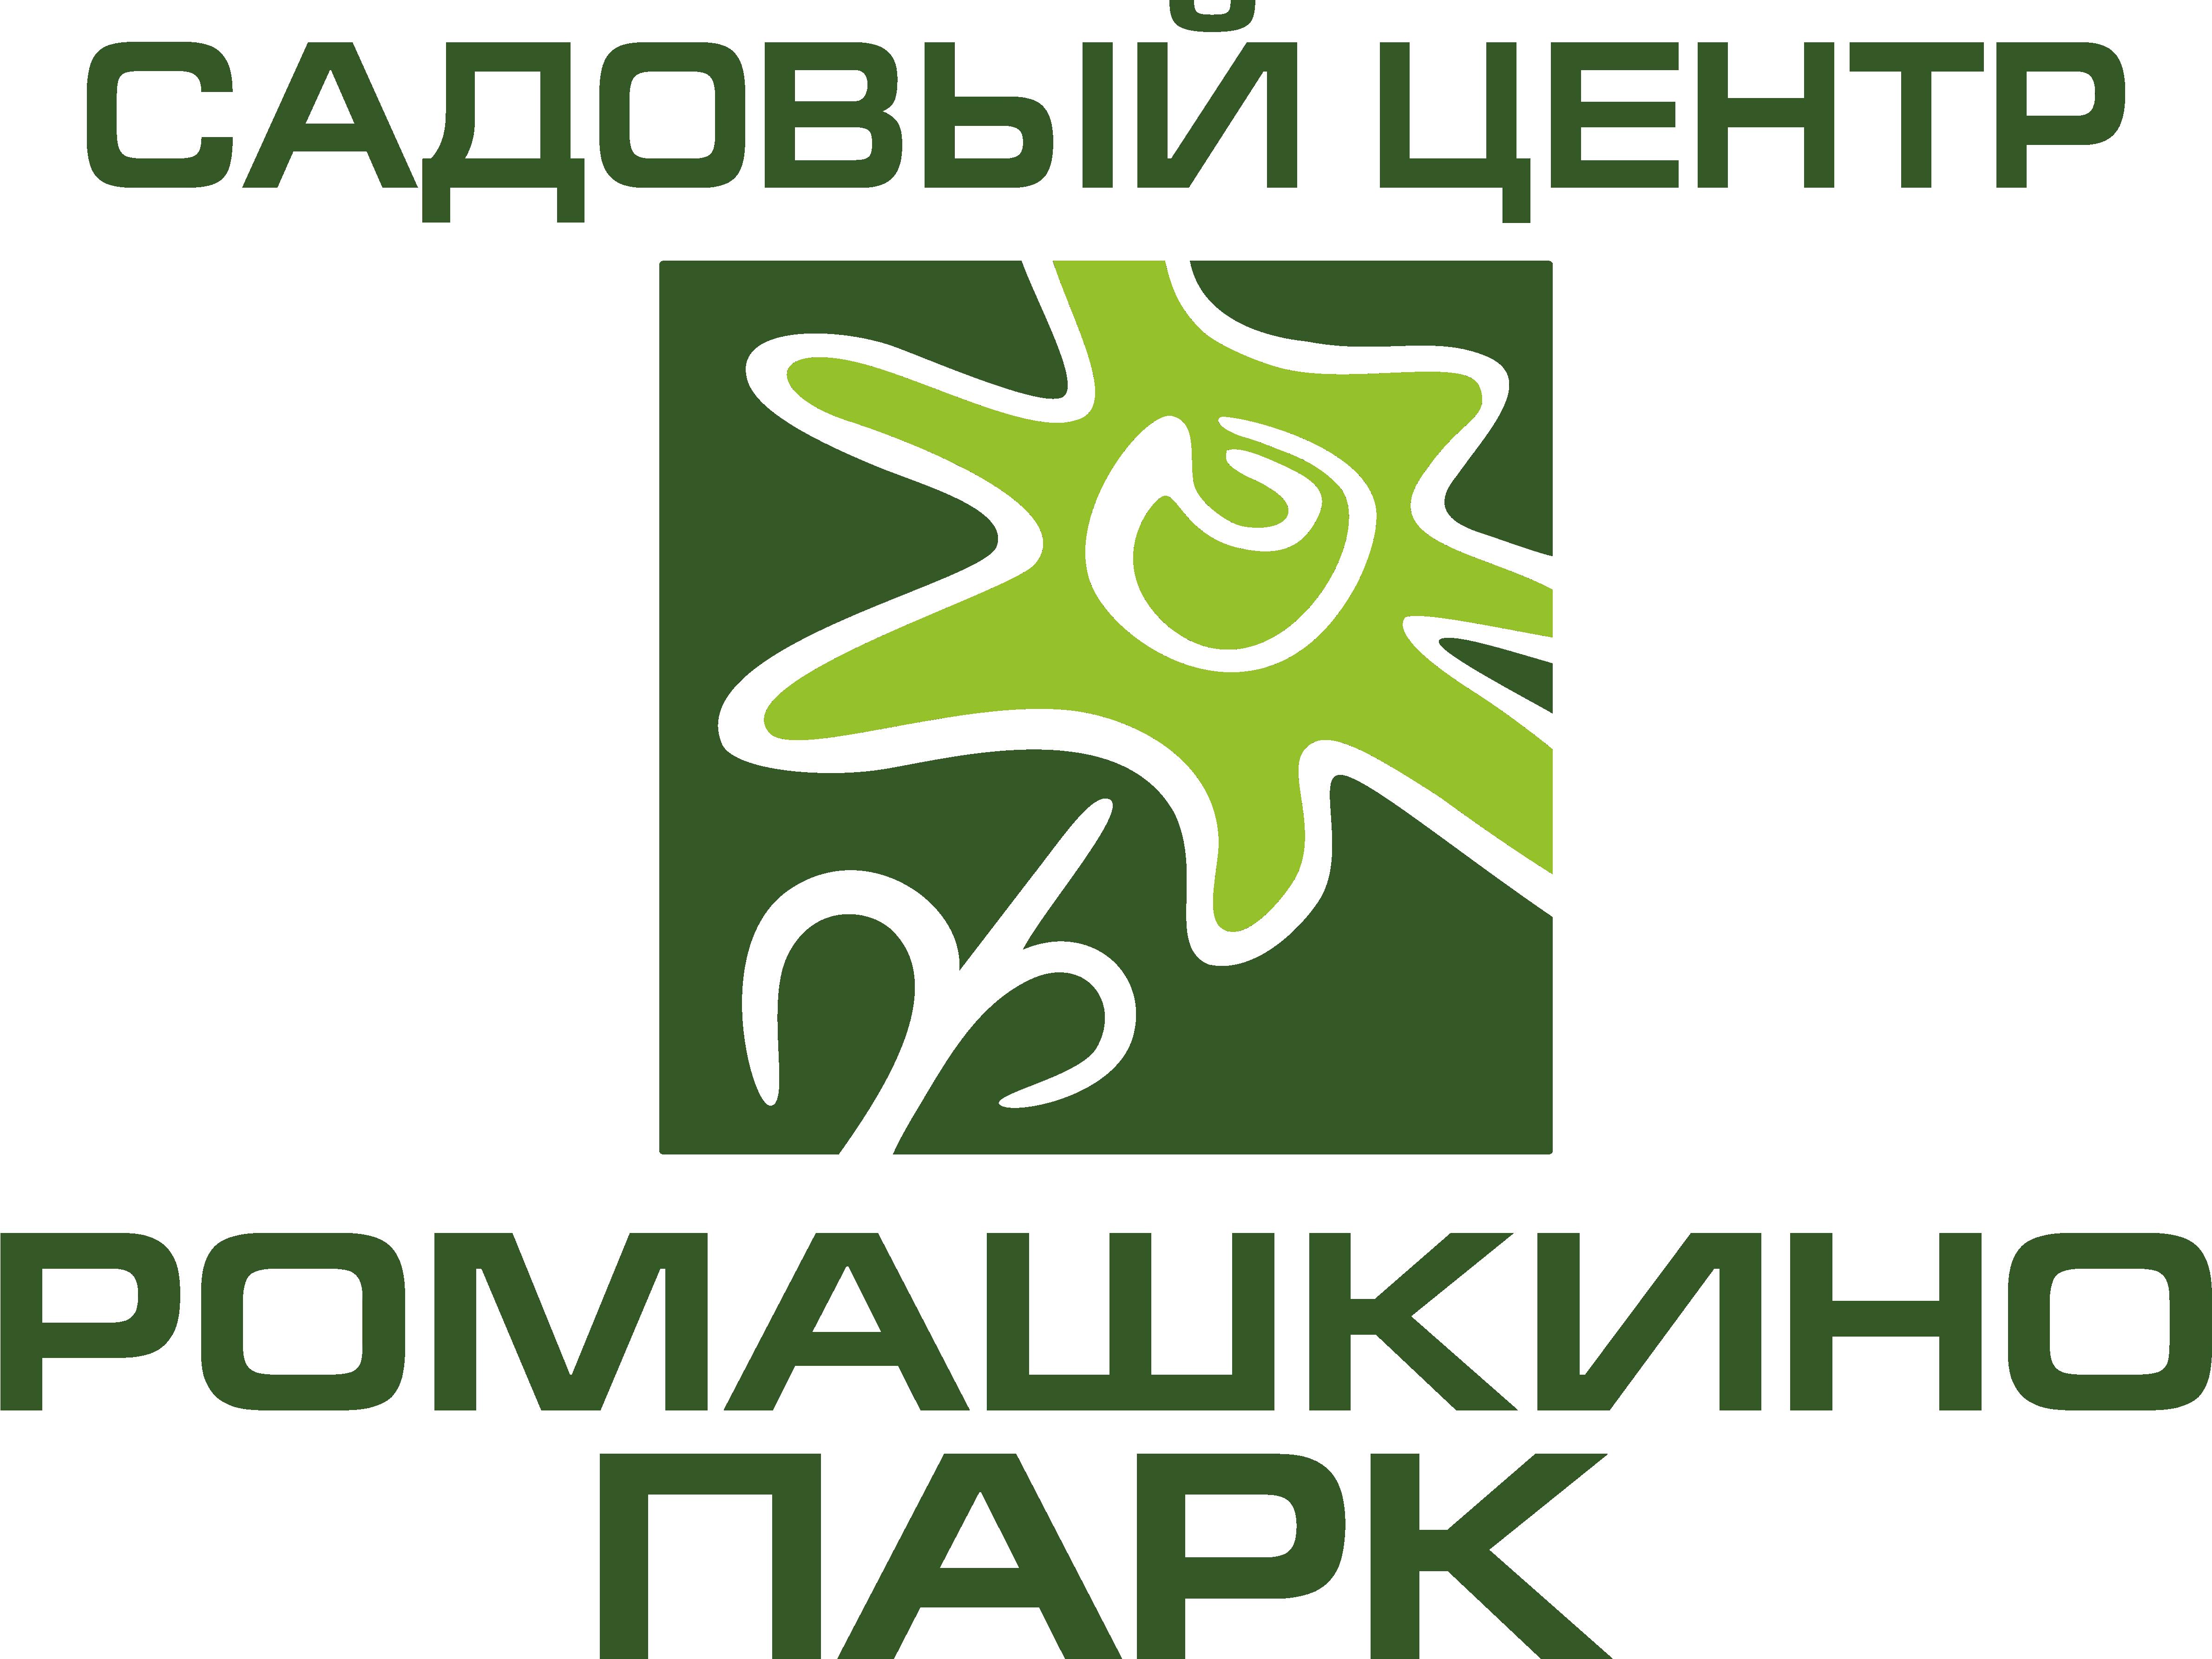 логотип ромашка цв верт